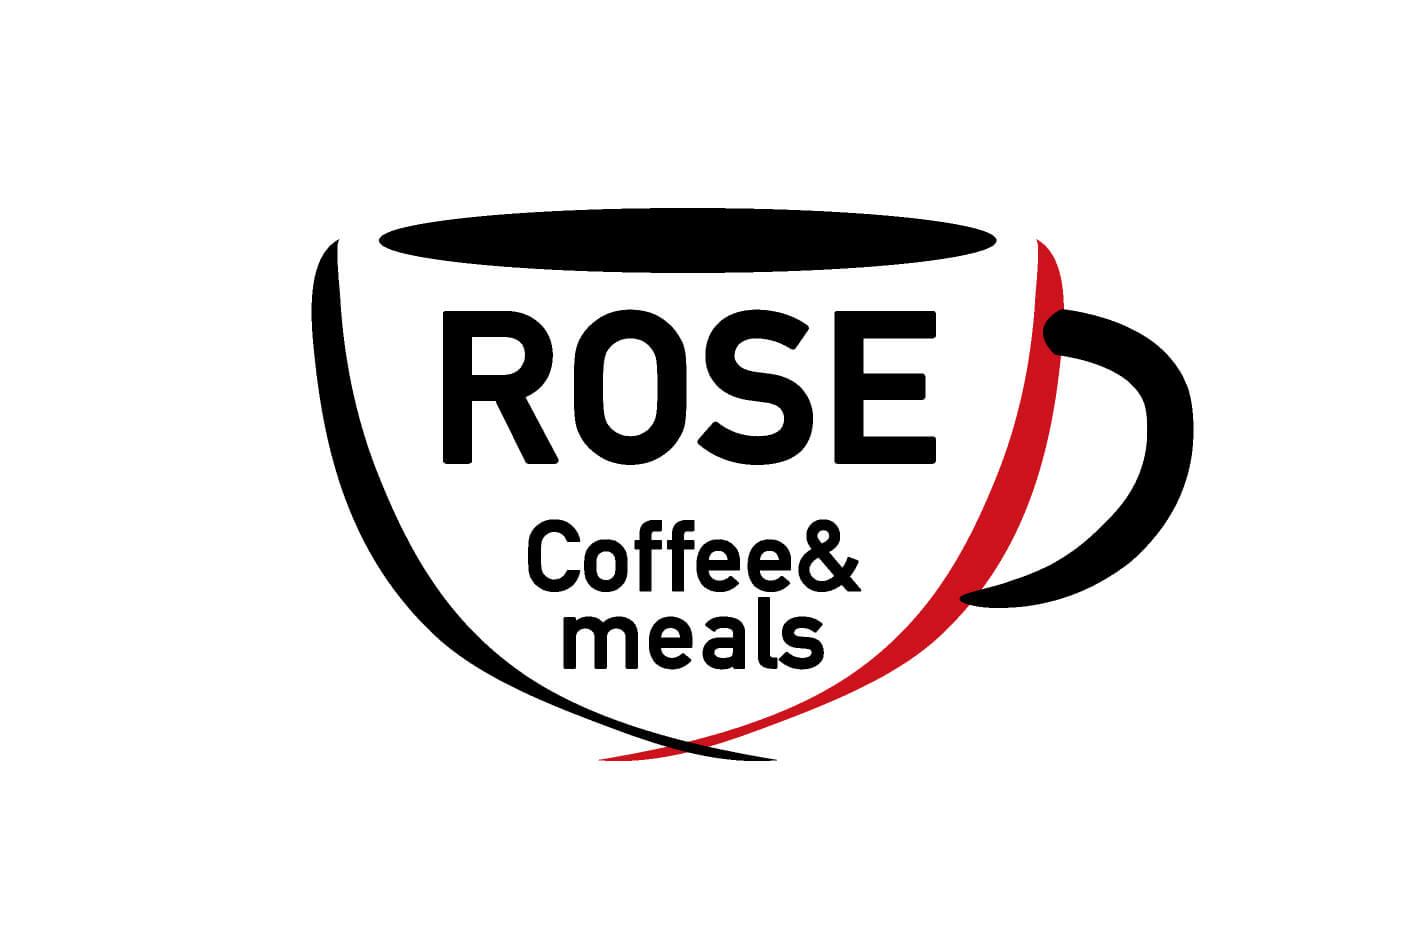 ROSE ロゴ